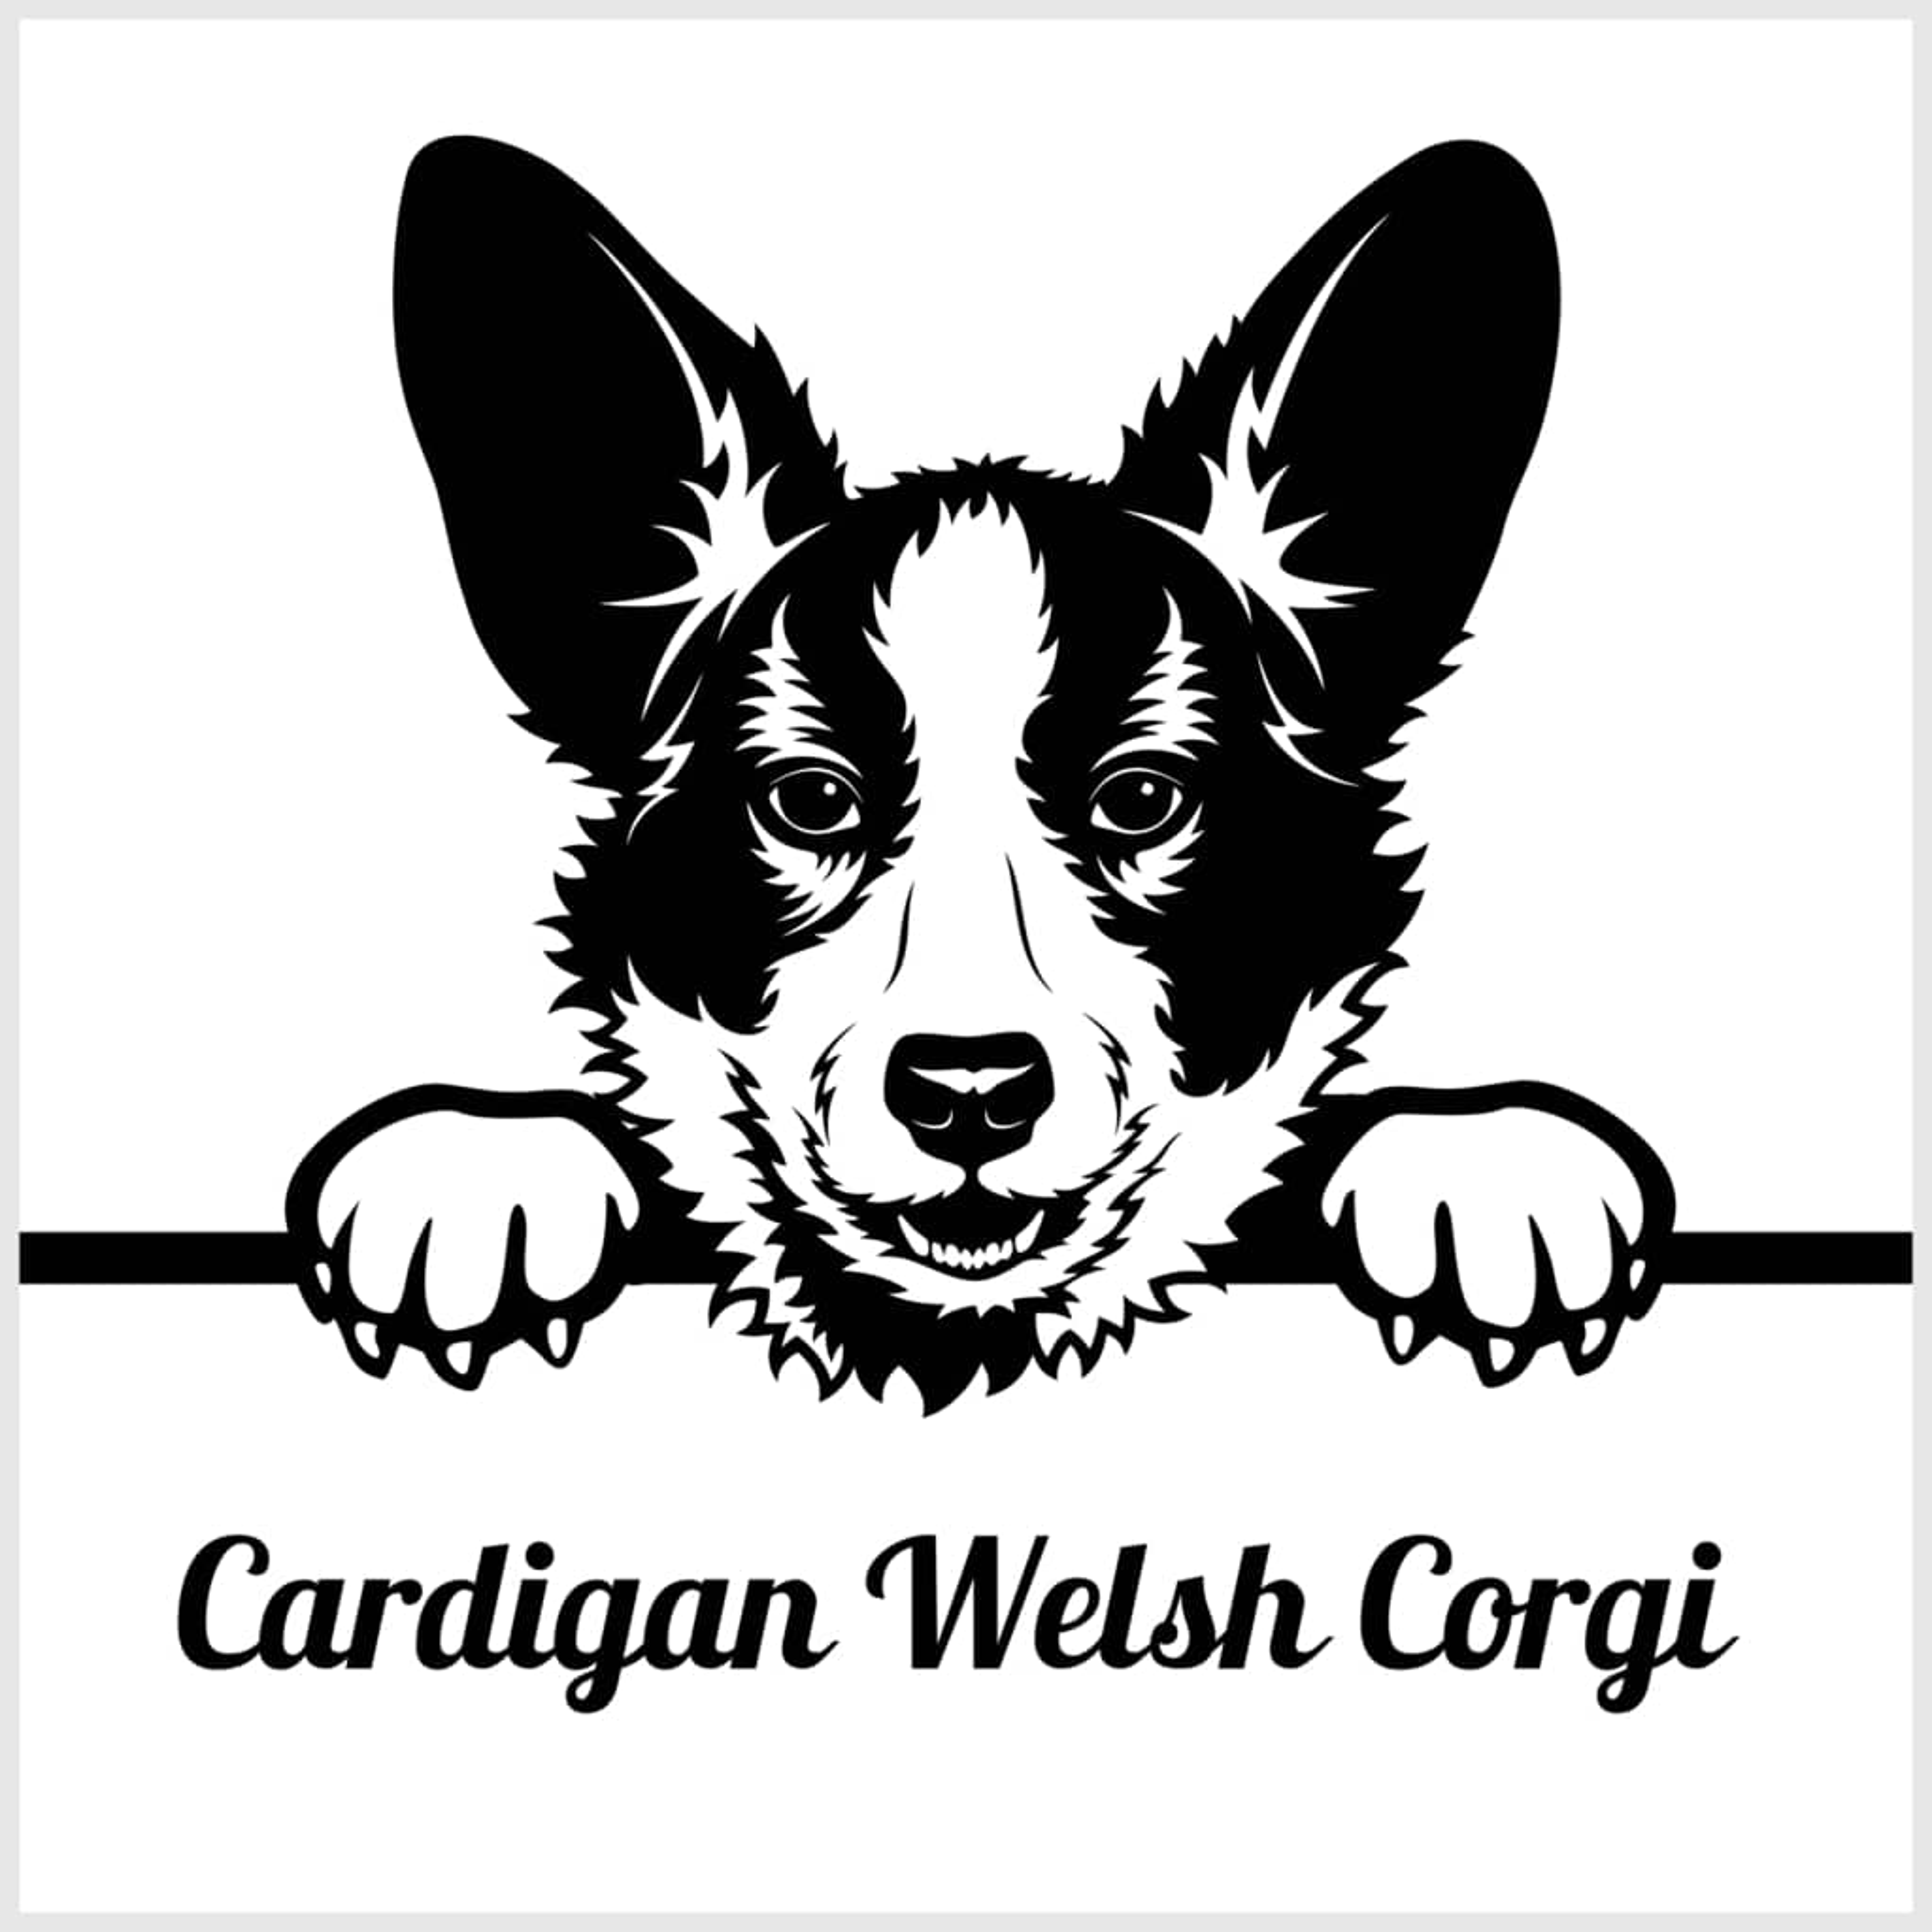 Welsh Corgi Cardigan Geschichte